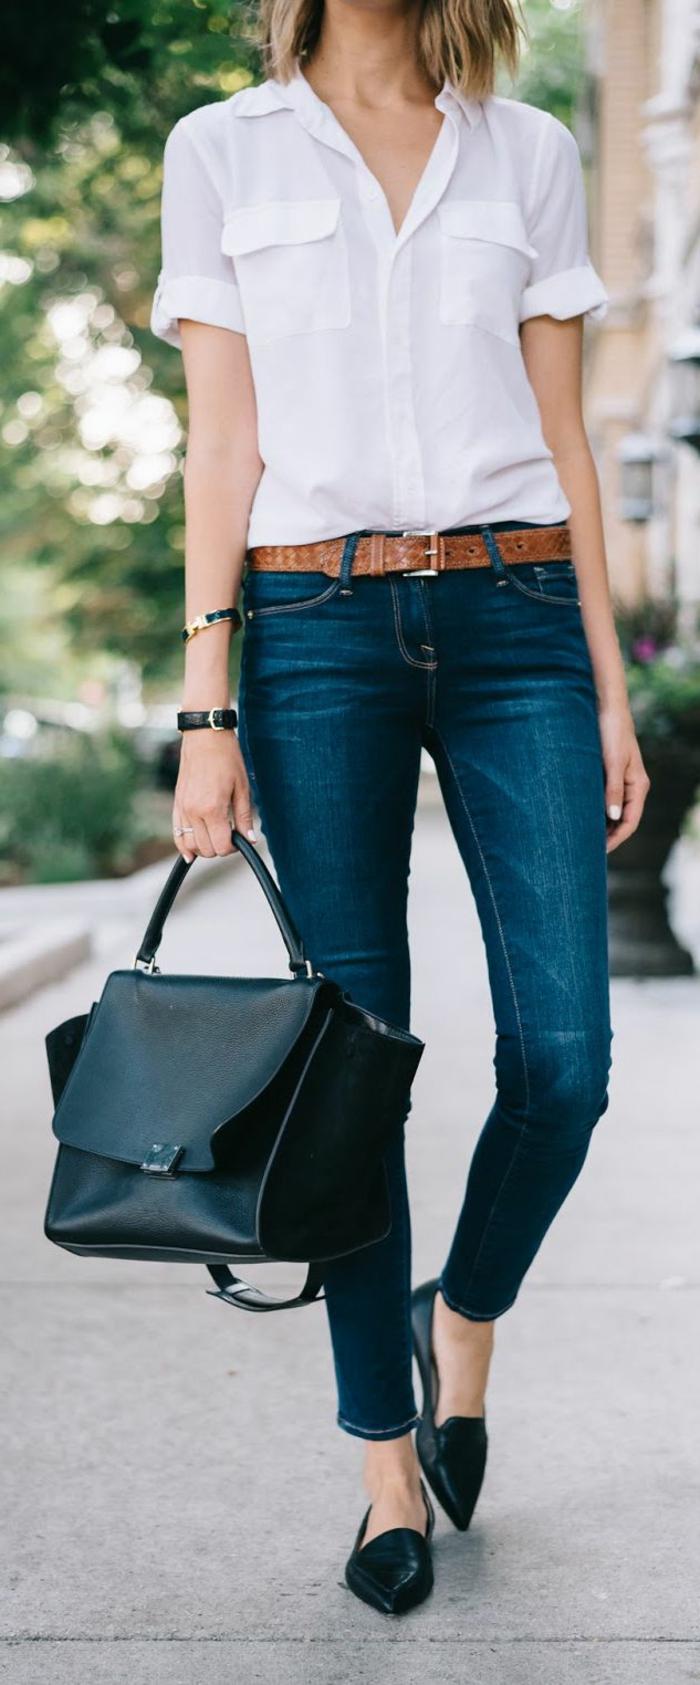 gehobene freizeitkleidung jeans mit braunem gürtel weißes hemd schwarze schuhe tasche frau